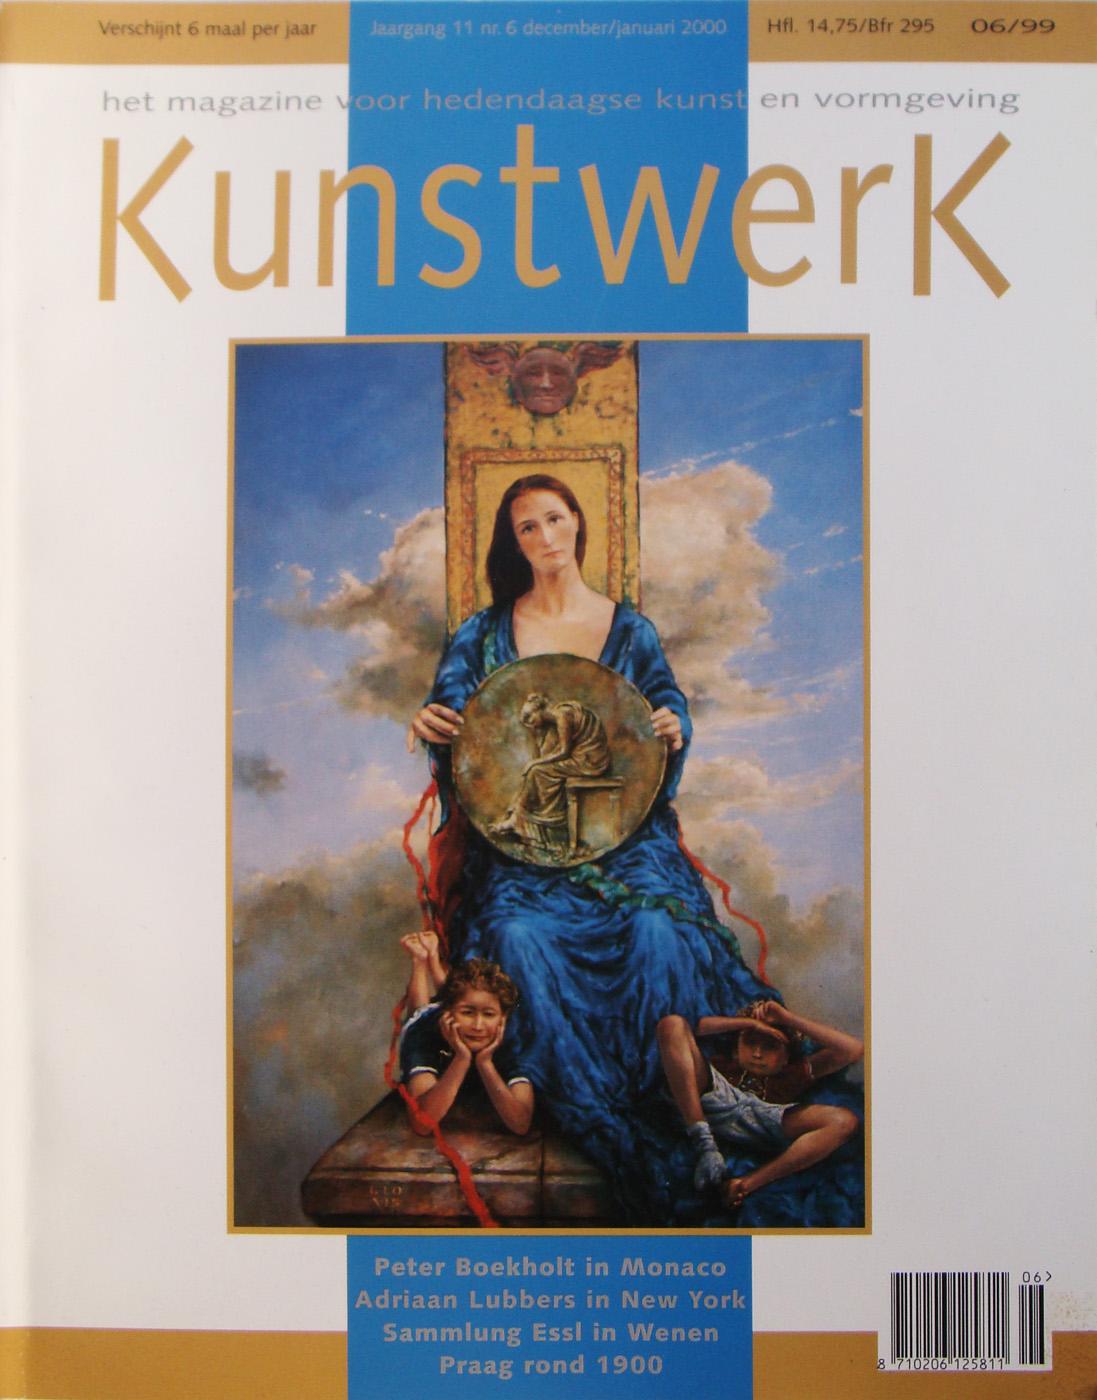 Kunstweek 6